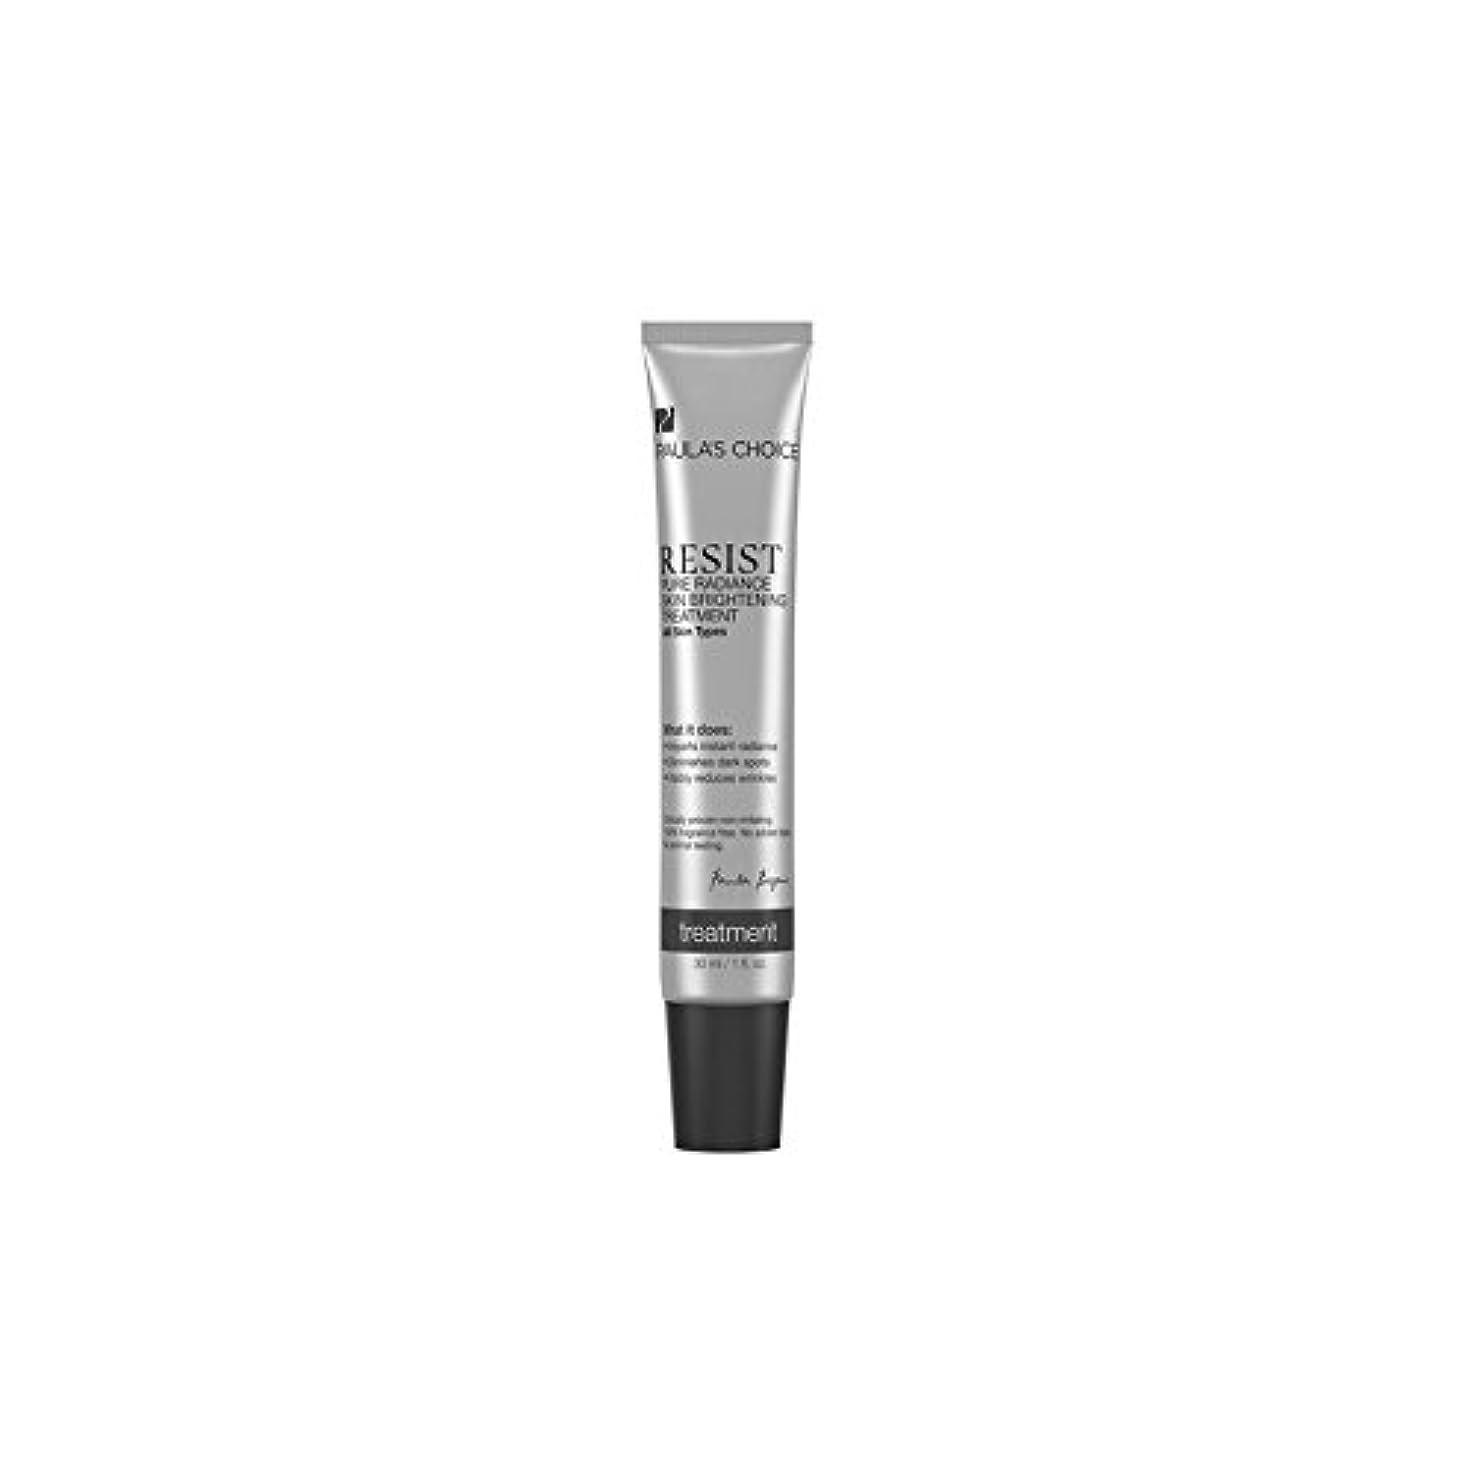 構築する中庭サーバPaula's Choice Resist Pure Radiance Skin Brightening Treatment (30ml) (Pack of 6) - ポーラチョイスは純粋な輝き肌ブライトニングトリートメント(30ミリリットル)を抵抗します x6 [並行輸入品]